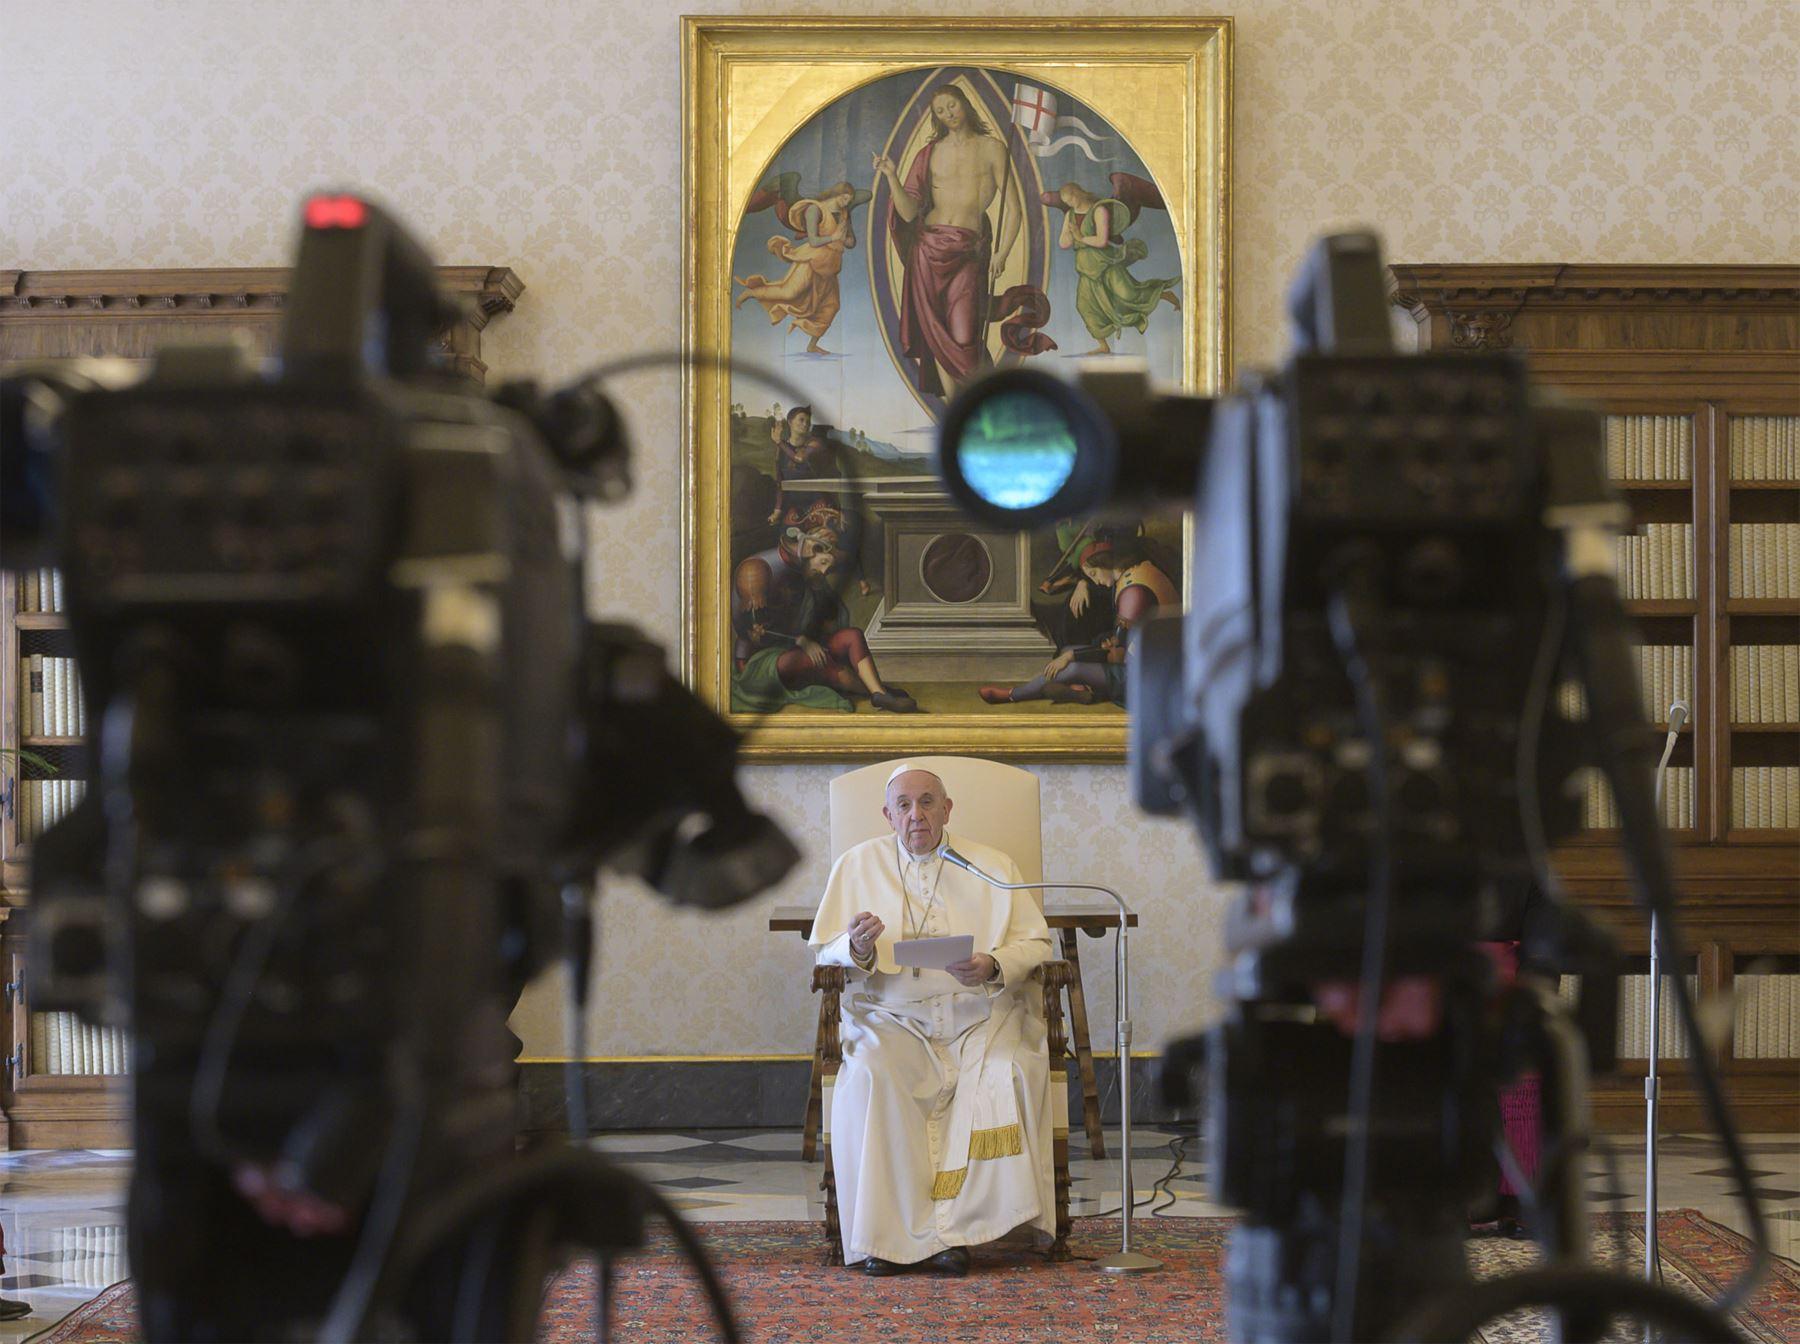 """Papa Francisco recitando la oración """"Padre Nuestro"""" durante una transmisión en vivo desde la biblioteca del palacio apostólico en el Vaticano durante el encierro luego de la nueva pandemia de coronavirus COVID-19. Foto: AFP"""